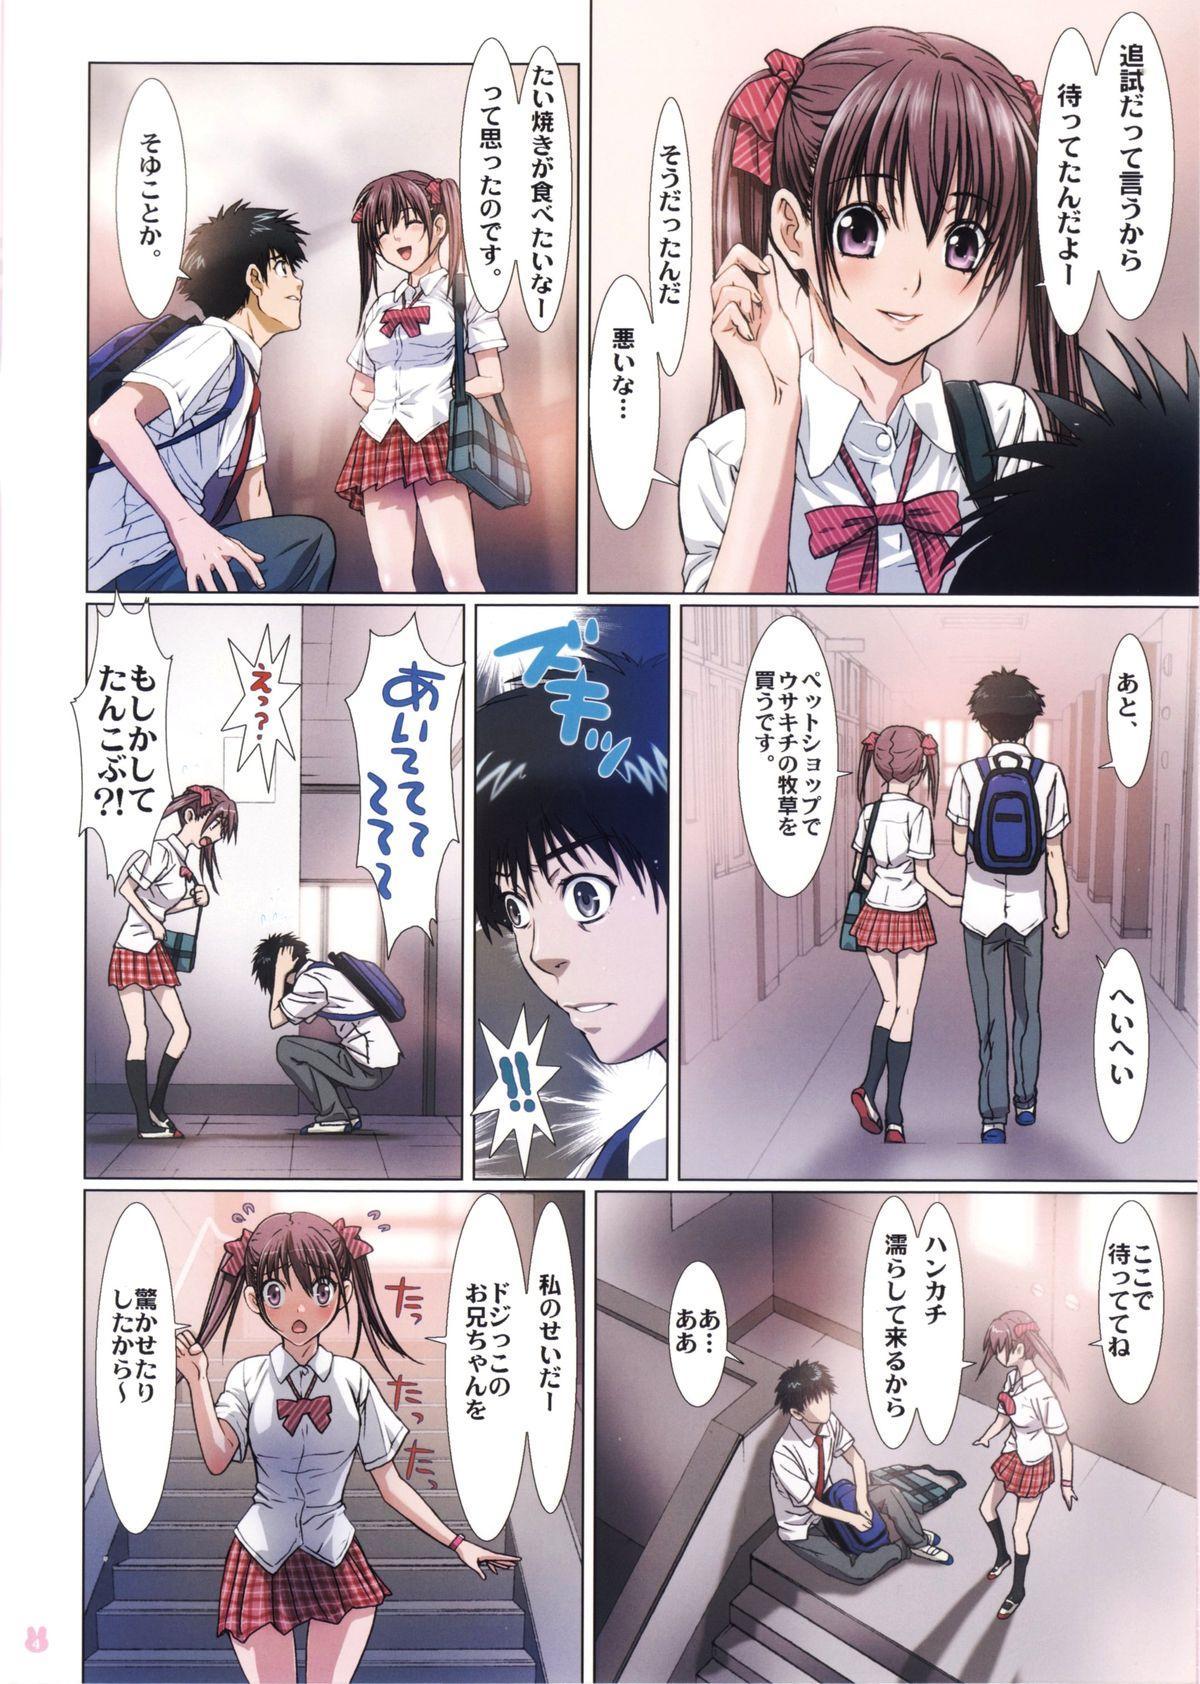 Imouto wa Boku no Koibito 3